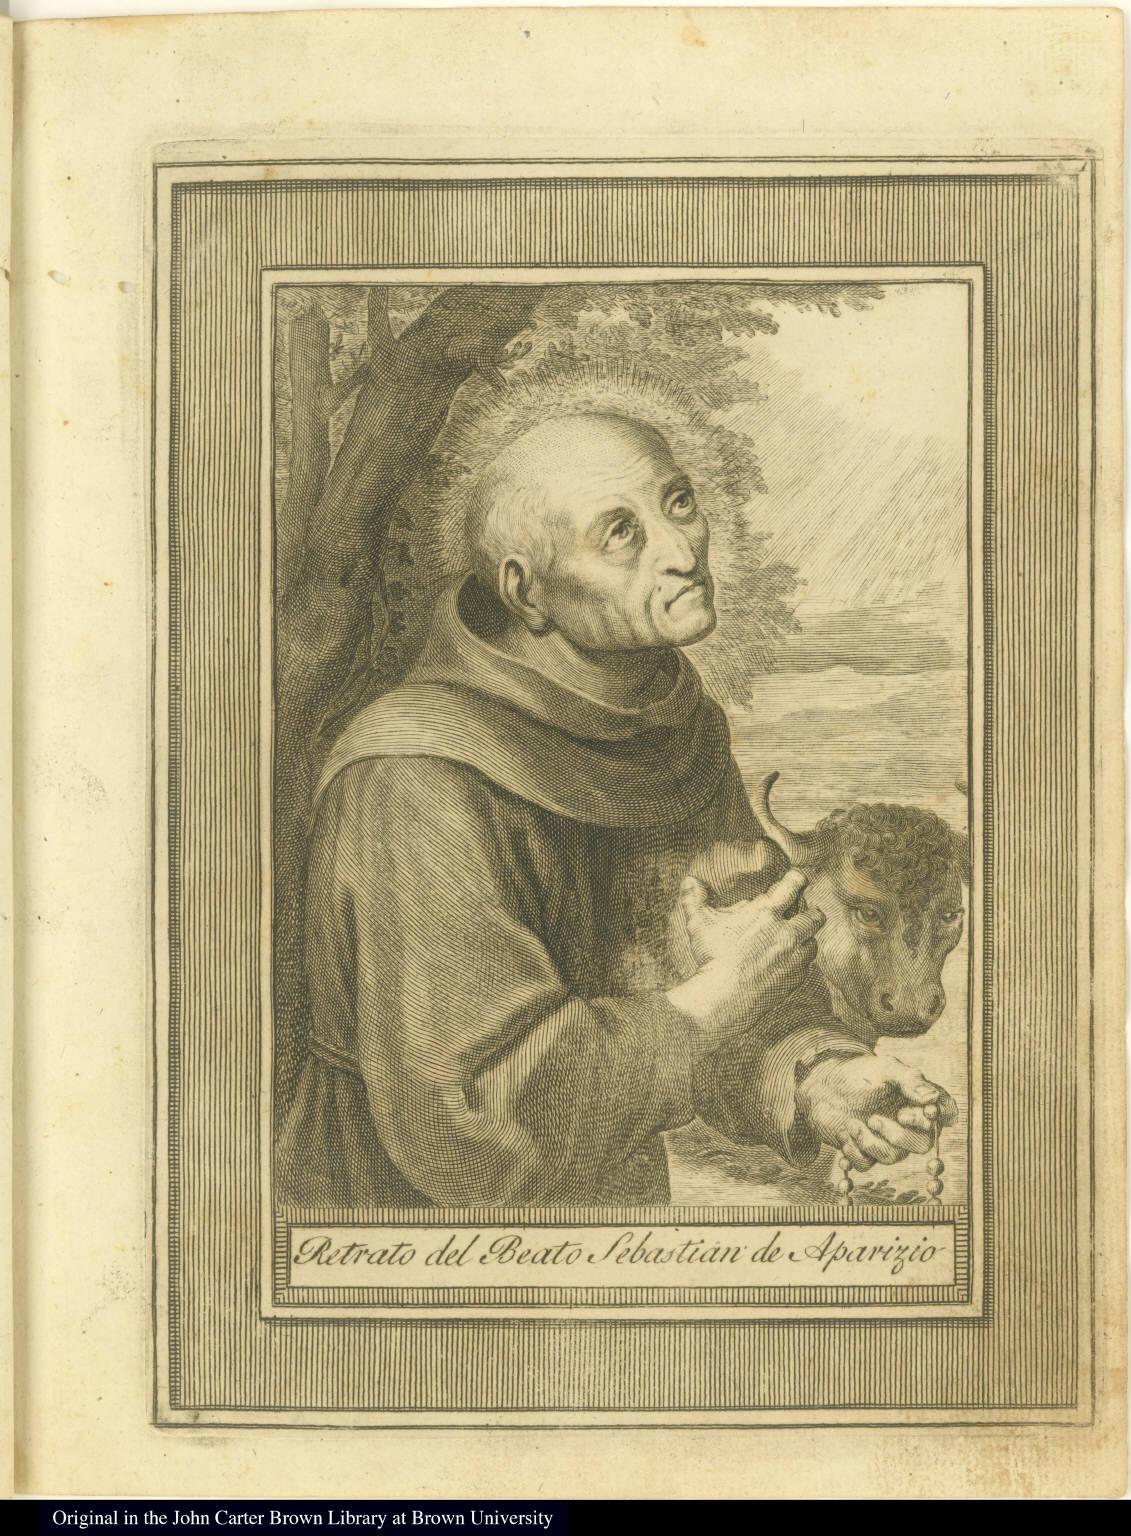 Retrato del Beato Sebastian de Aparizio